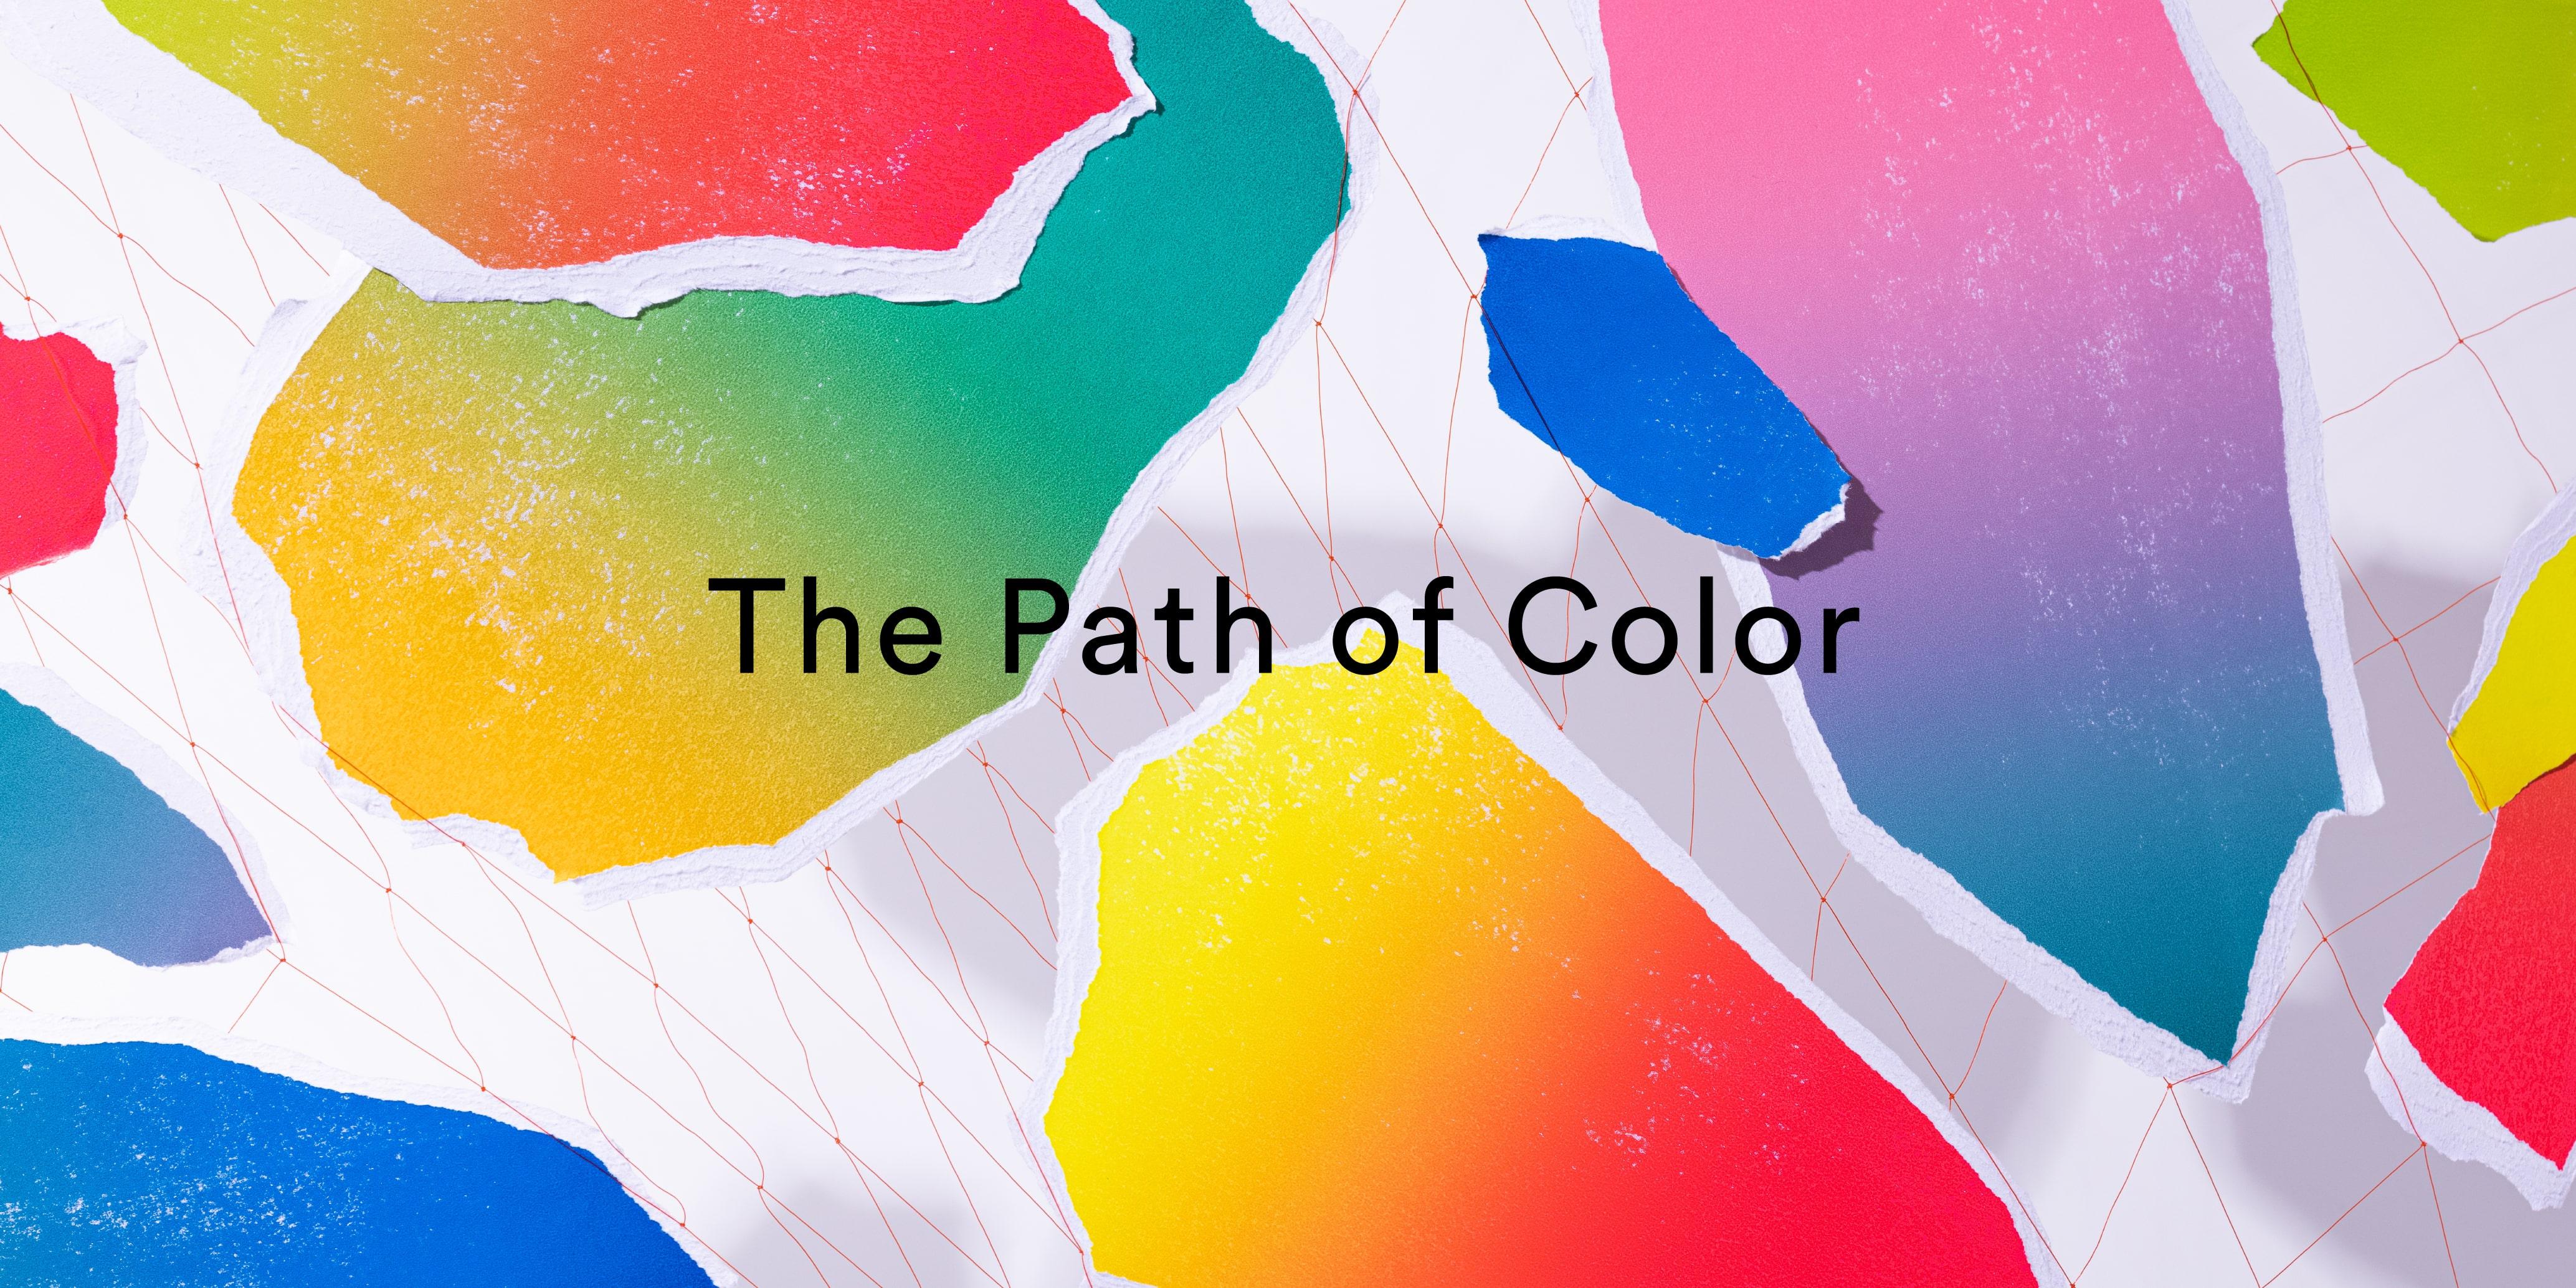 クリエイティブ・ユニット SPREADとコラボレーションした空間インスタレーション『The Path of Color』 (2)